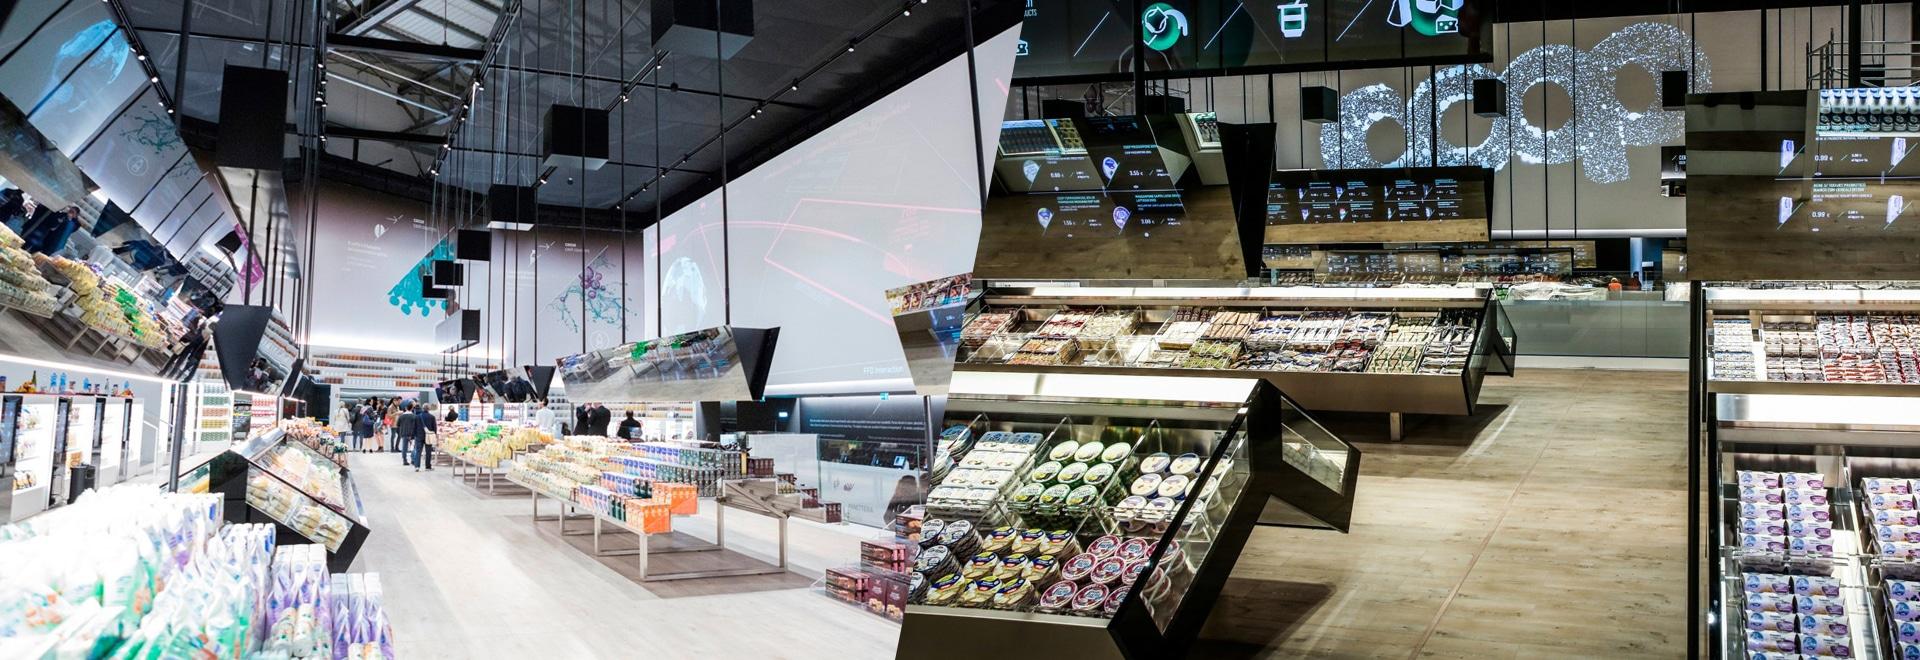 Expo-Milano-2015-la-spesa-del-domani-nel-supermercato-del-futuro